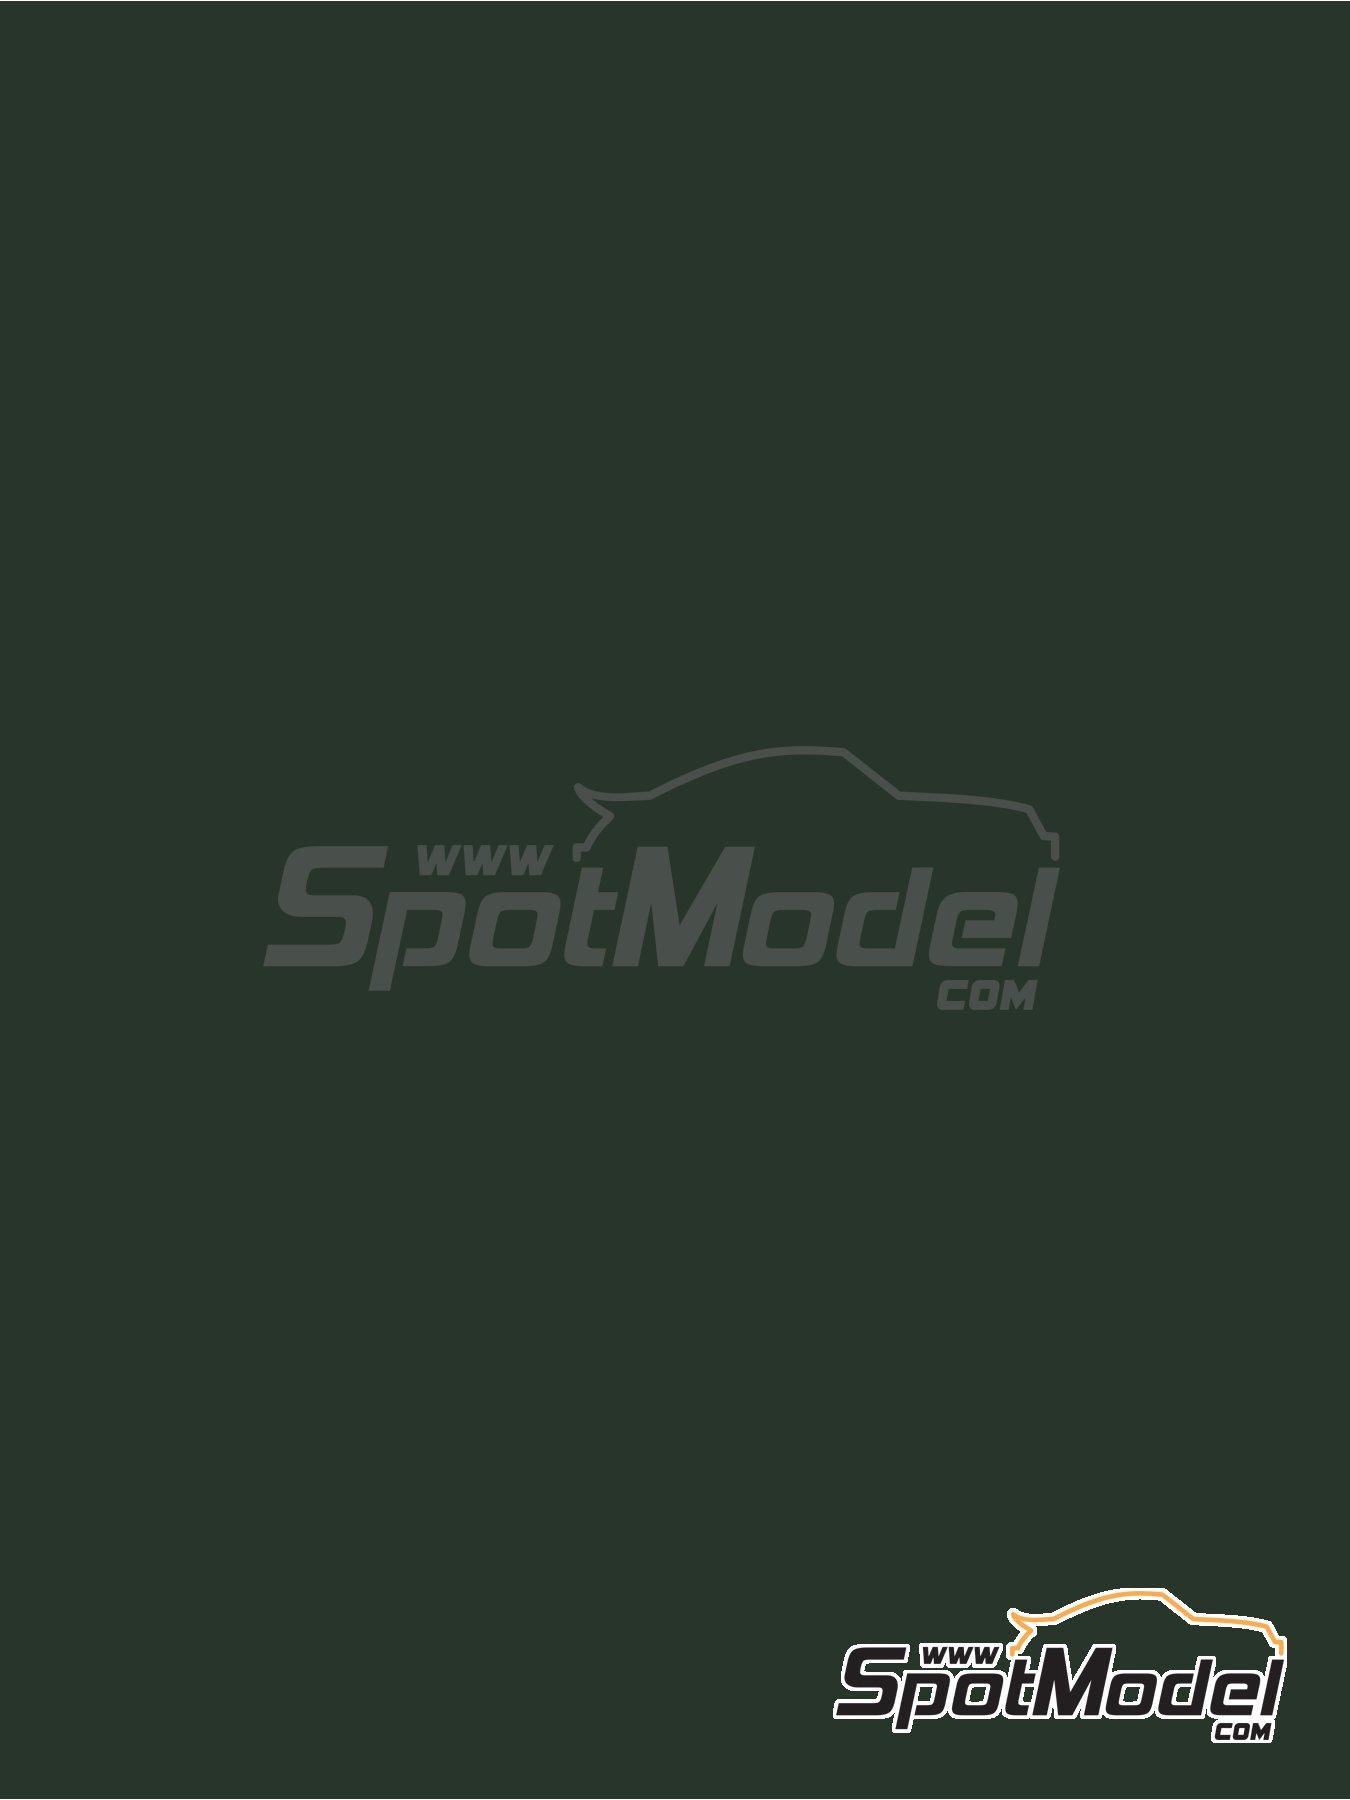 Verde abeto - RAL6009 - Fir green - 1 x 60ml | Pintura fabricado por Zero Paints (ref.ZP-1033-RAL6009) image